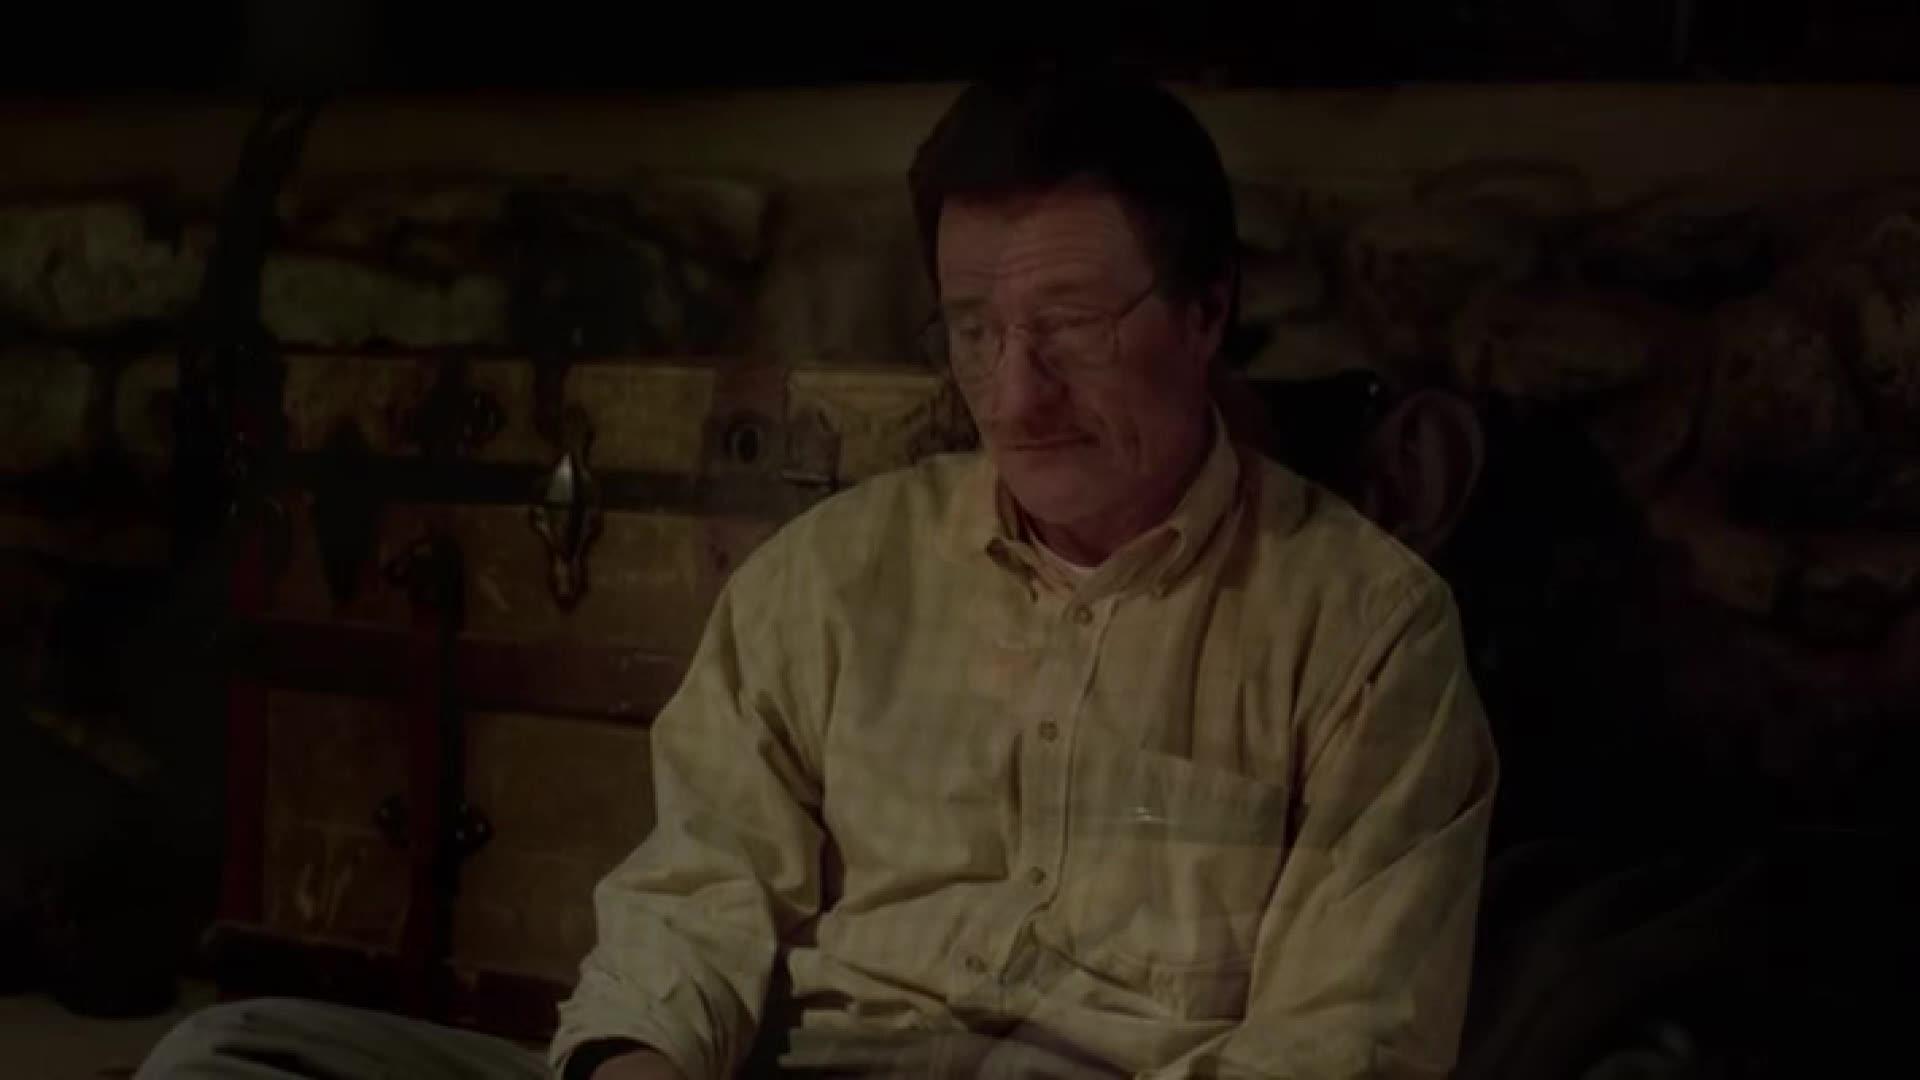 大叔和被关在地下室的人聊天,原来他知晓大叔这个秘密